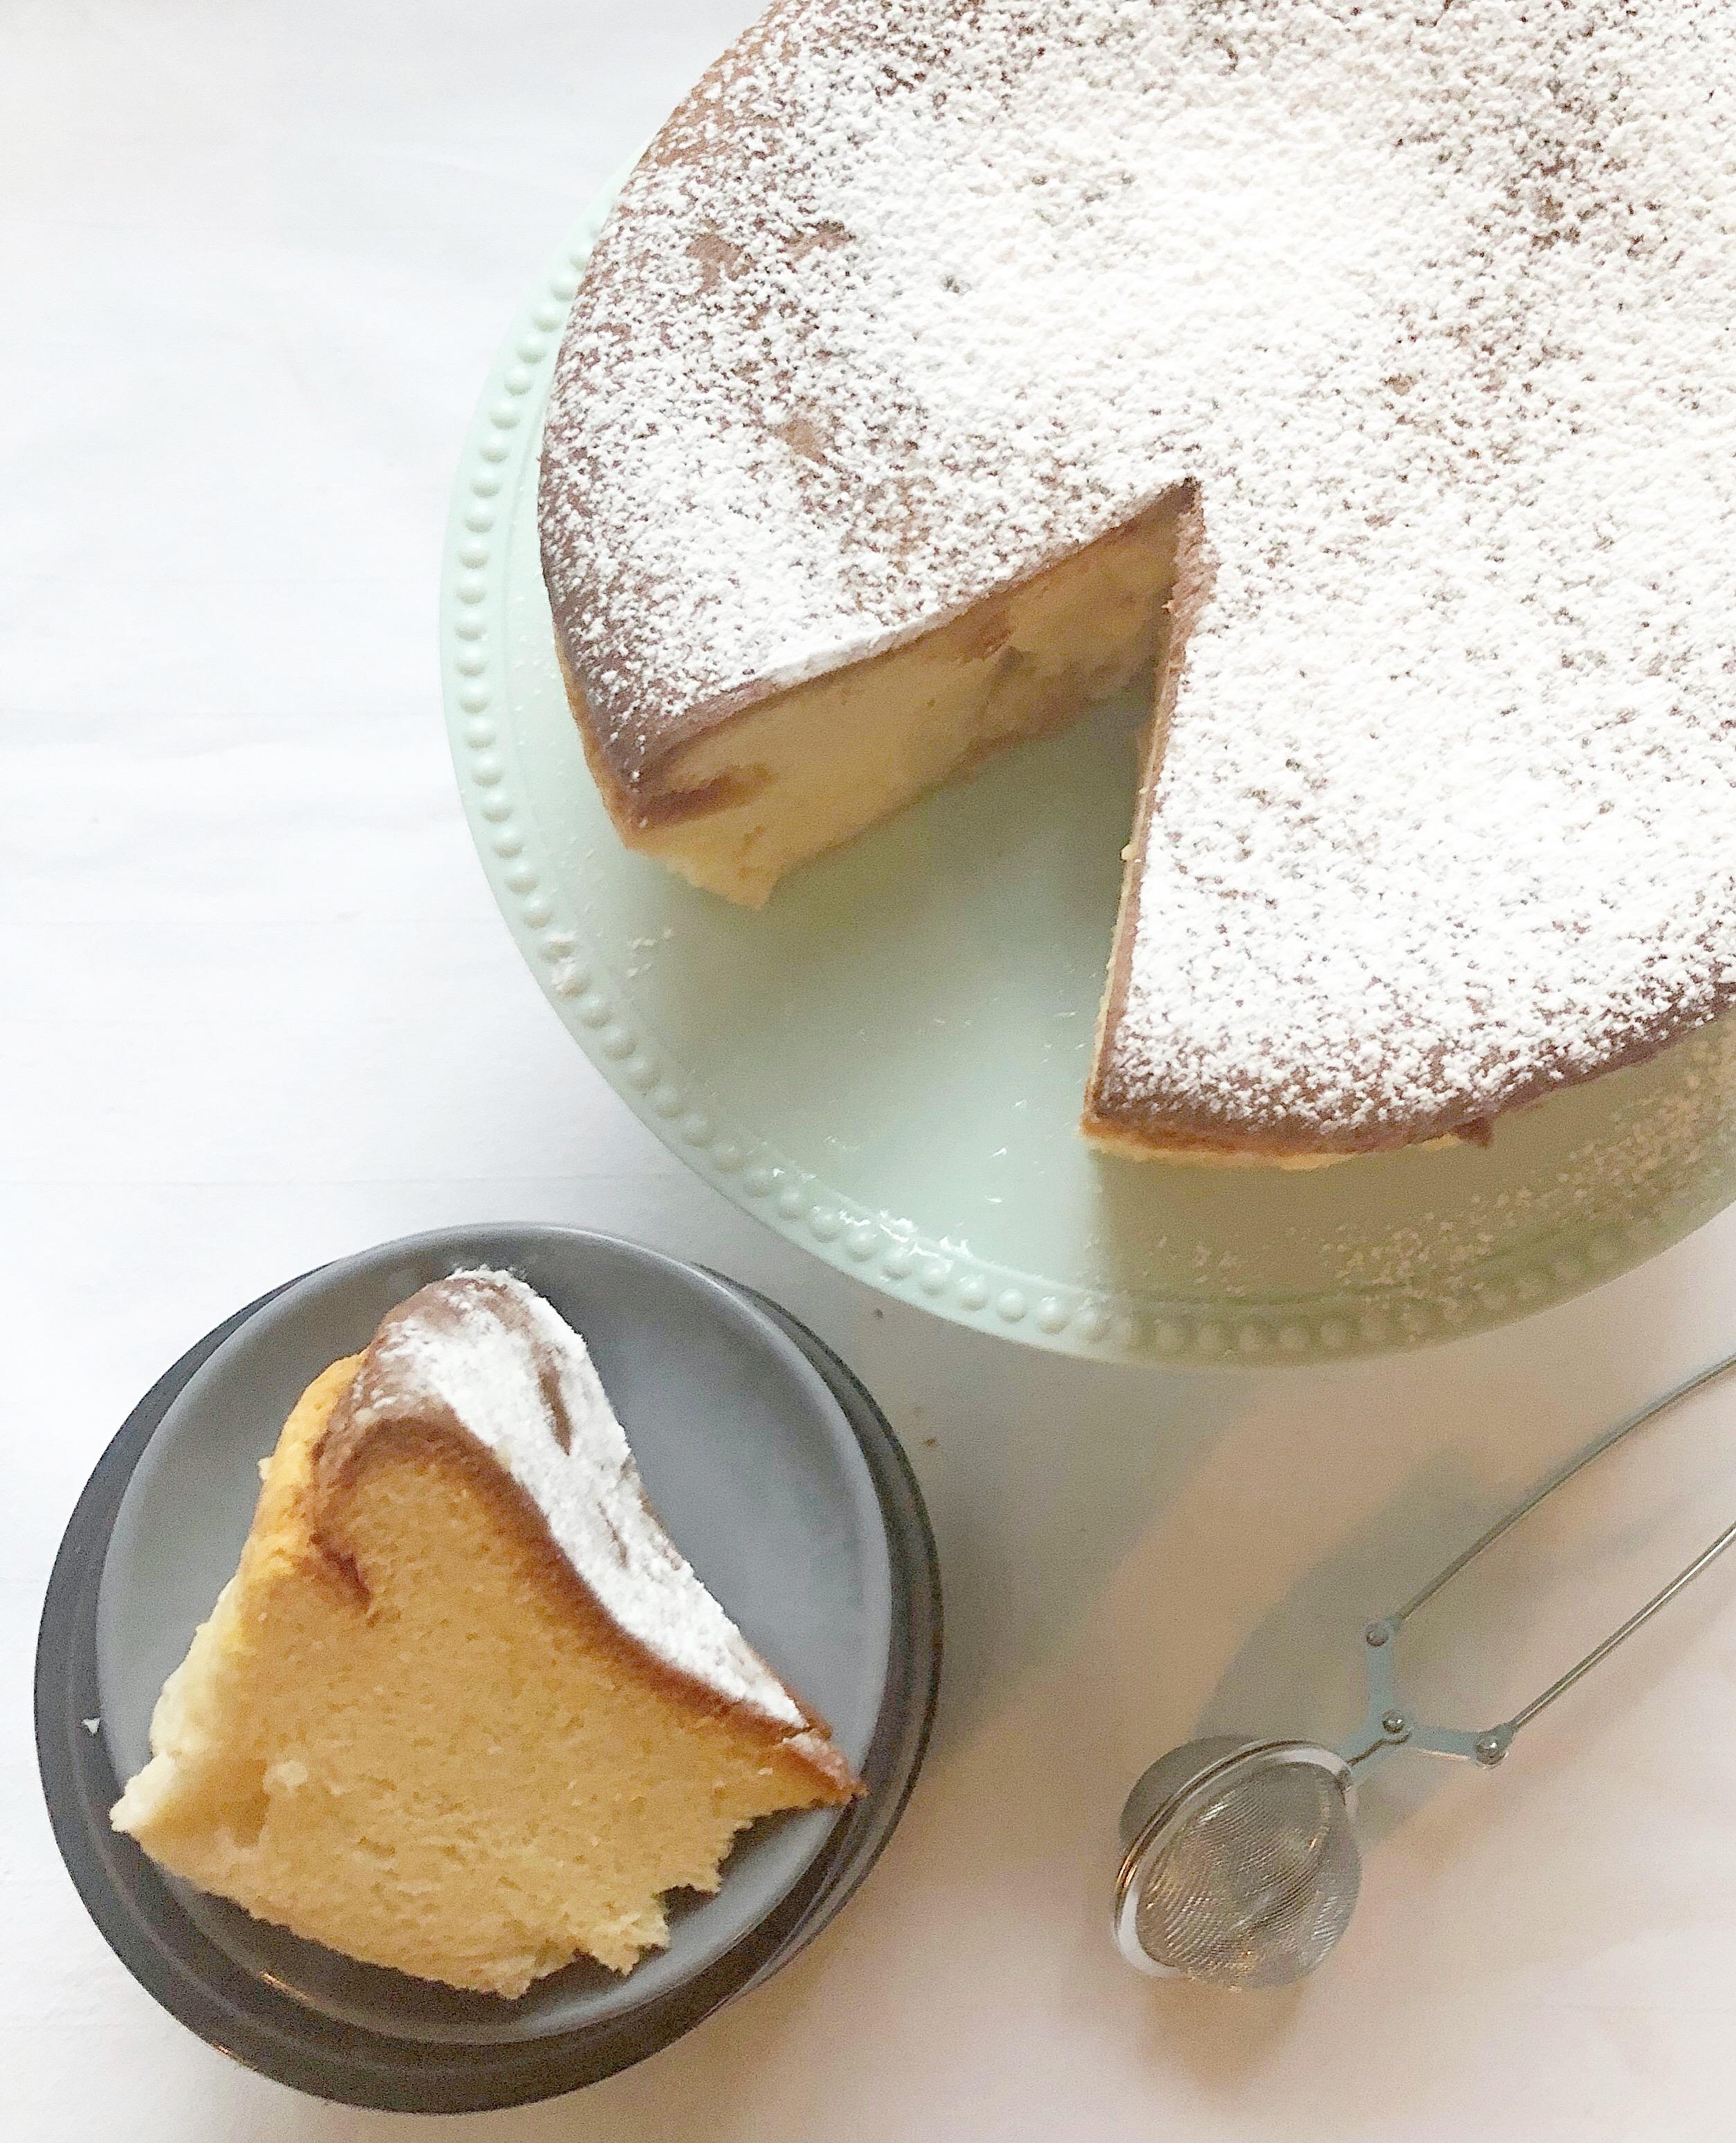 Torta Cremosa alla Ricotta Senza Burro, un dolce dalla consistenza unica e dal sapore delicato di dolci senza burro